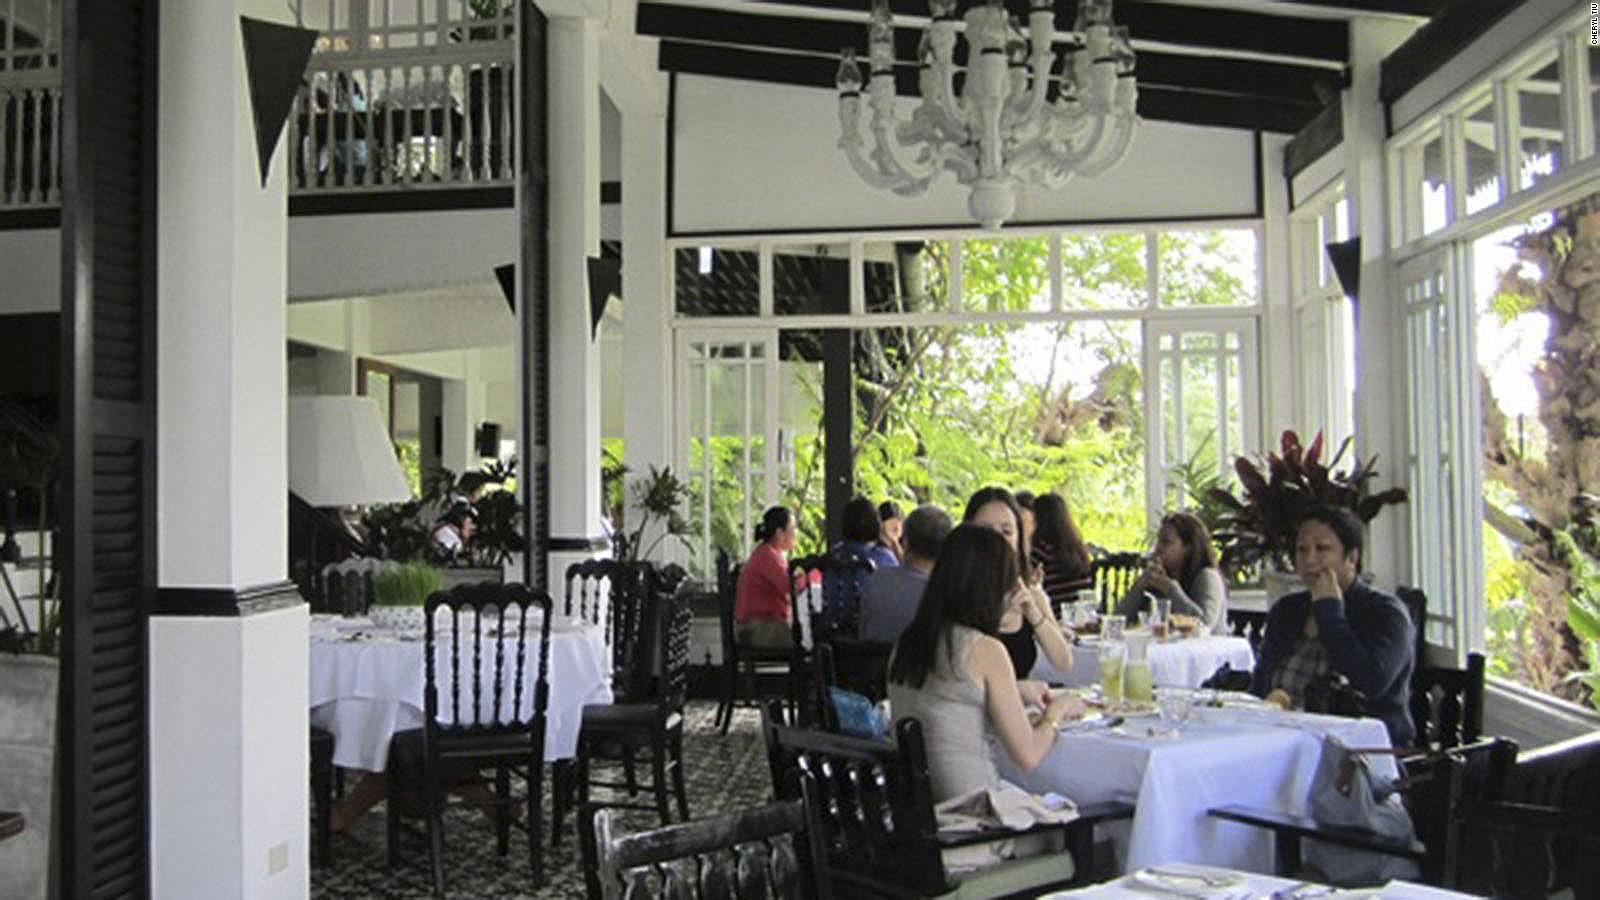 Visiting Manila? Insider share tips | CNN Travel